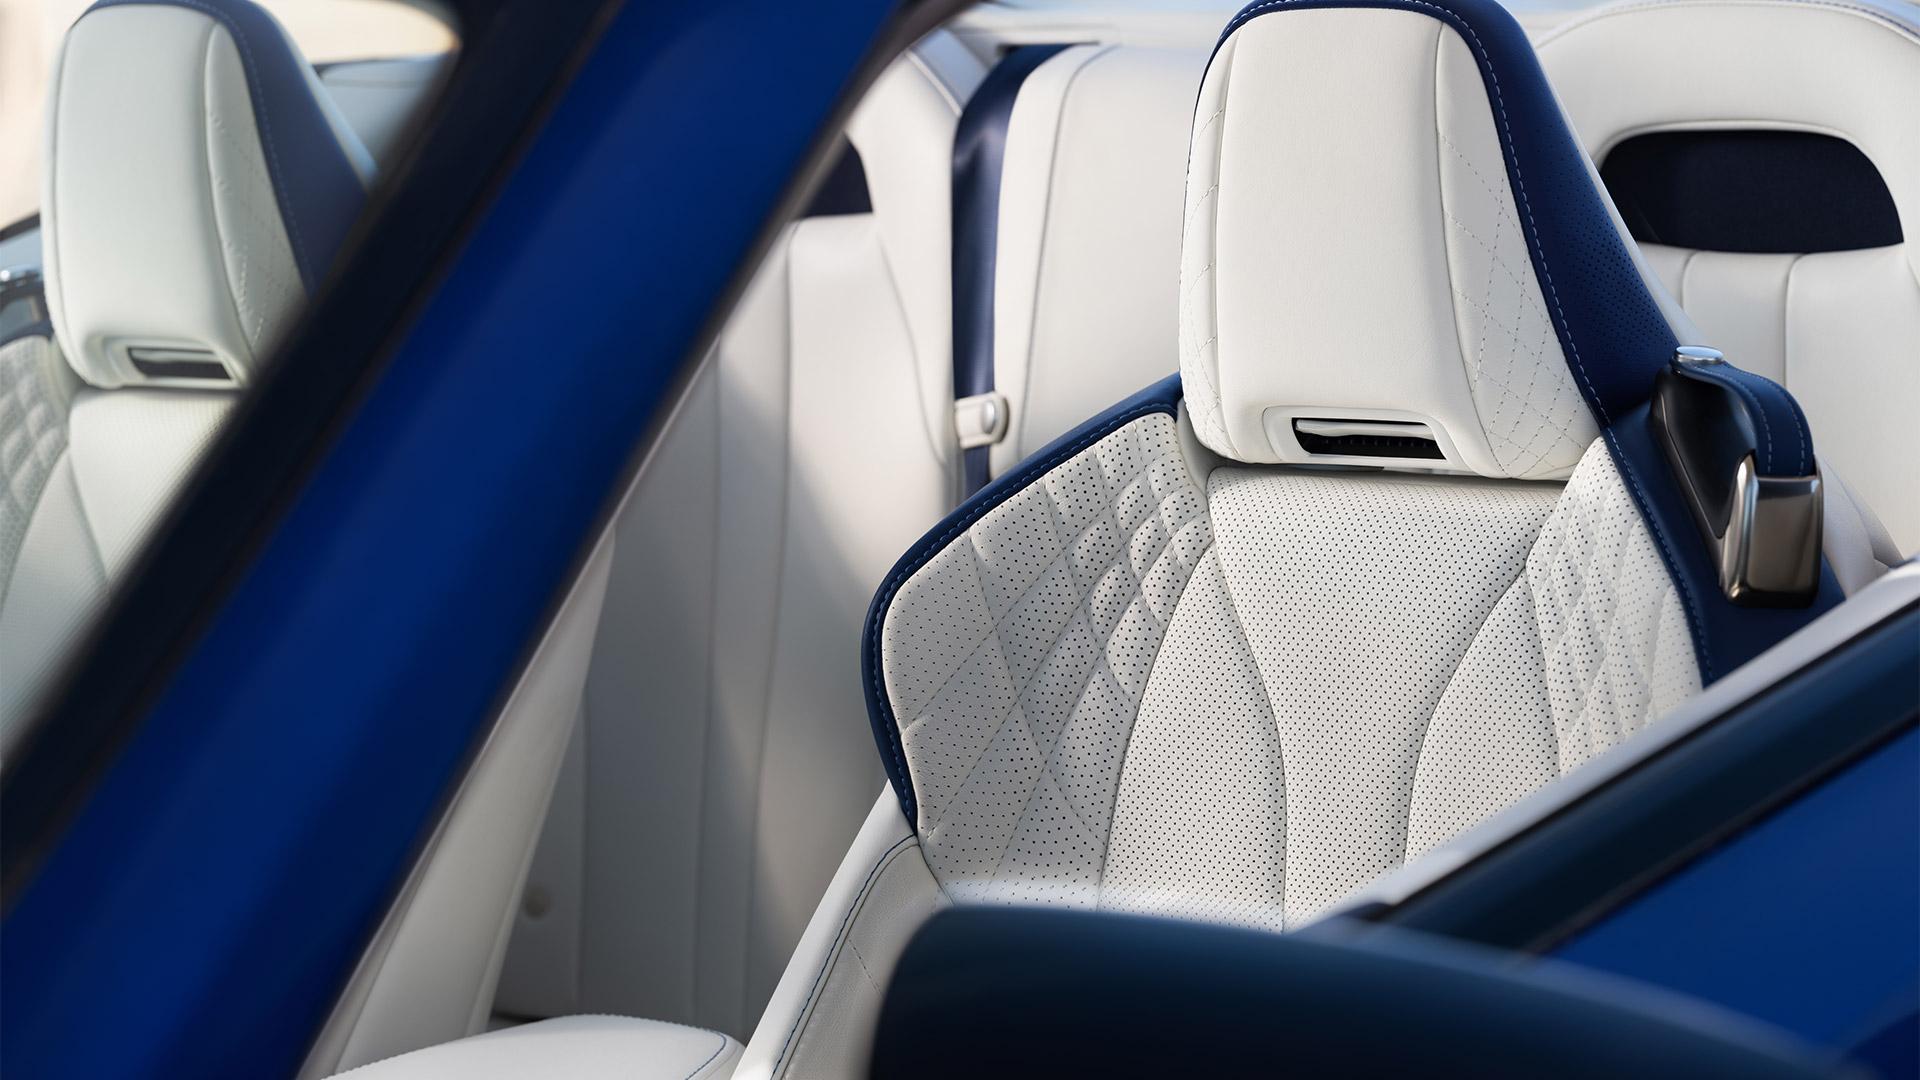 07 2019 027 nieuwe Lexus LC 500 Convertible 1920x1080 galerij